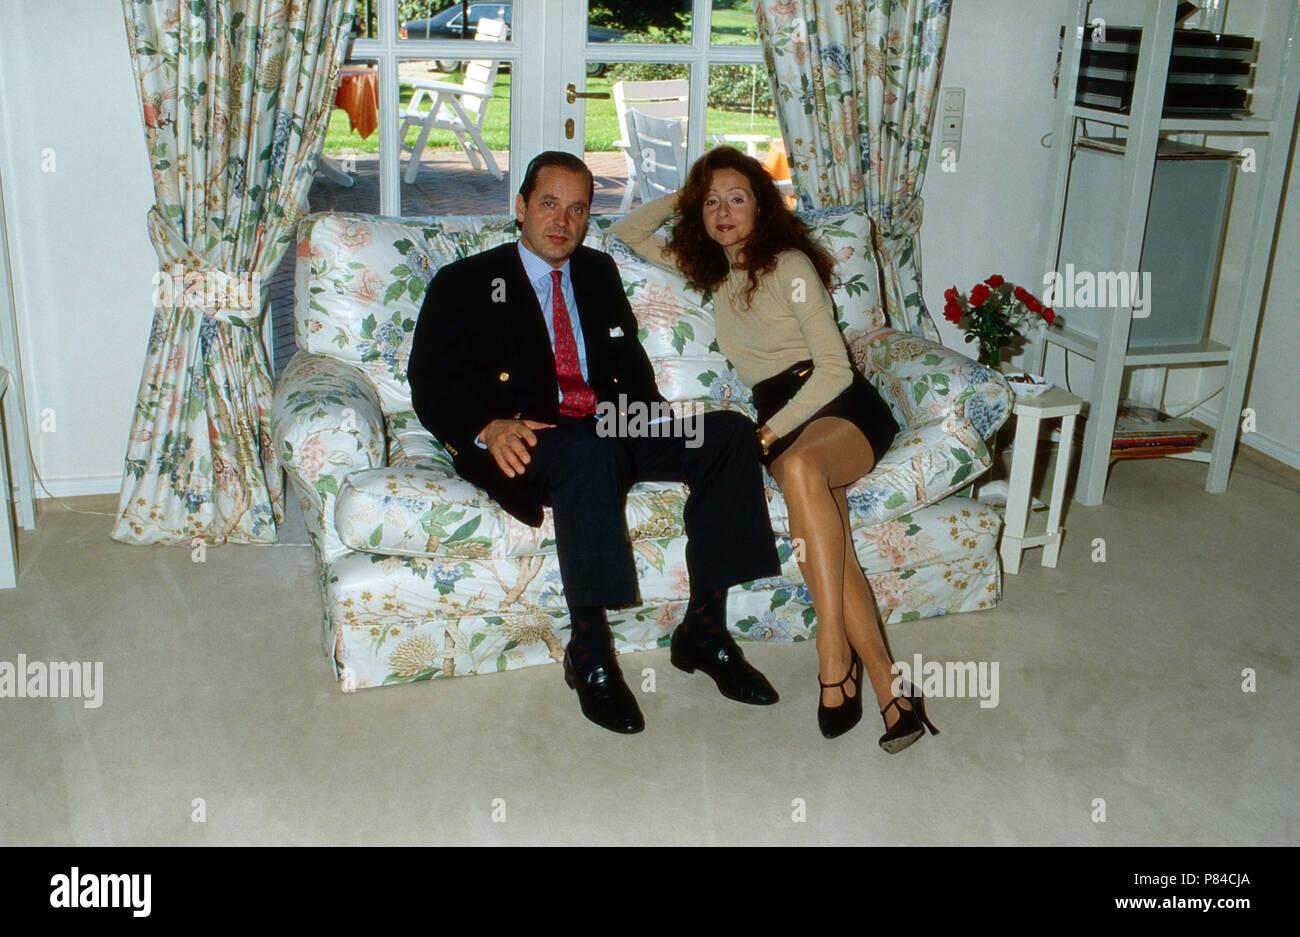 Enno Freiherr von Ruffin mit Ehefrau Sängerin Vicky Leandros auf Gut Basthorst, Deutschland 1988. Enno Baron von Ruffin with his wife, singer Vicky Leandros at Basthorst mansion, Germany 1988. - Stock Image